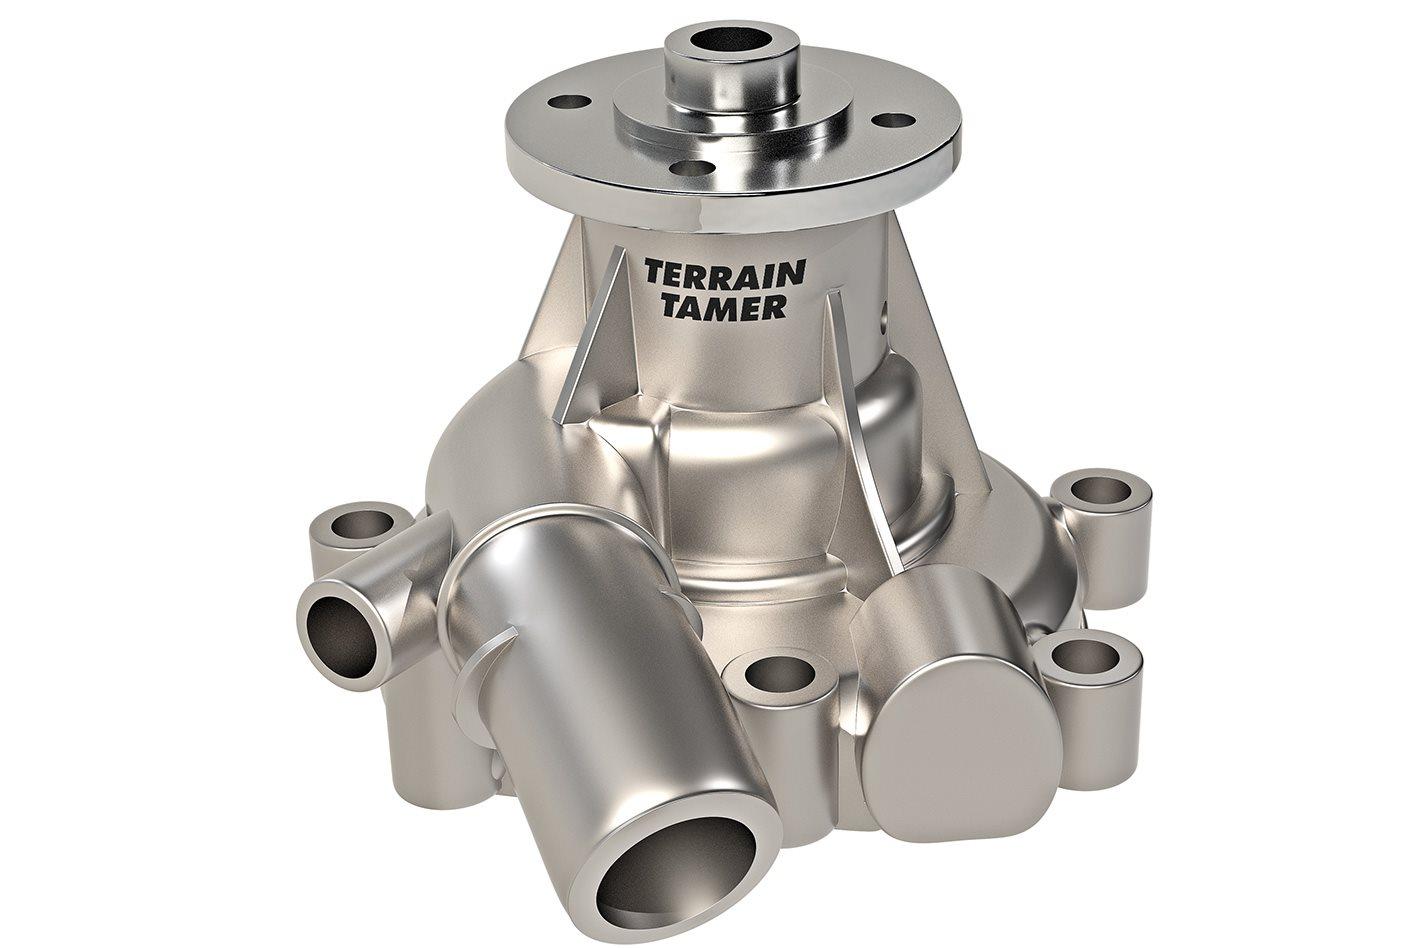 Terrain-Tamer-Water-Pump.jpg